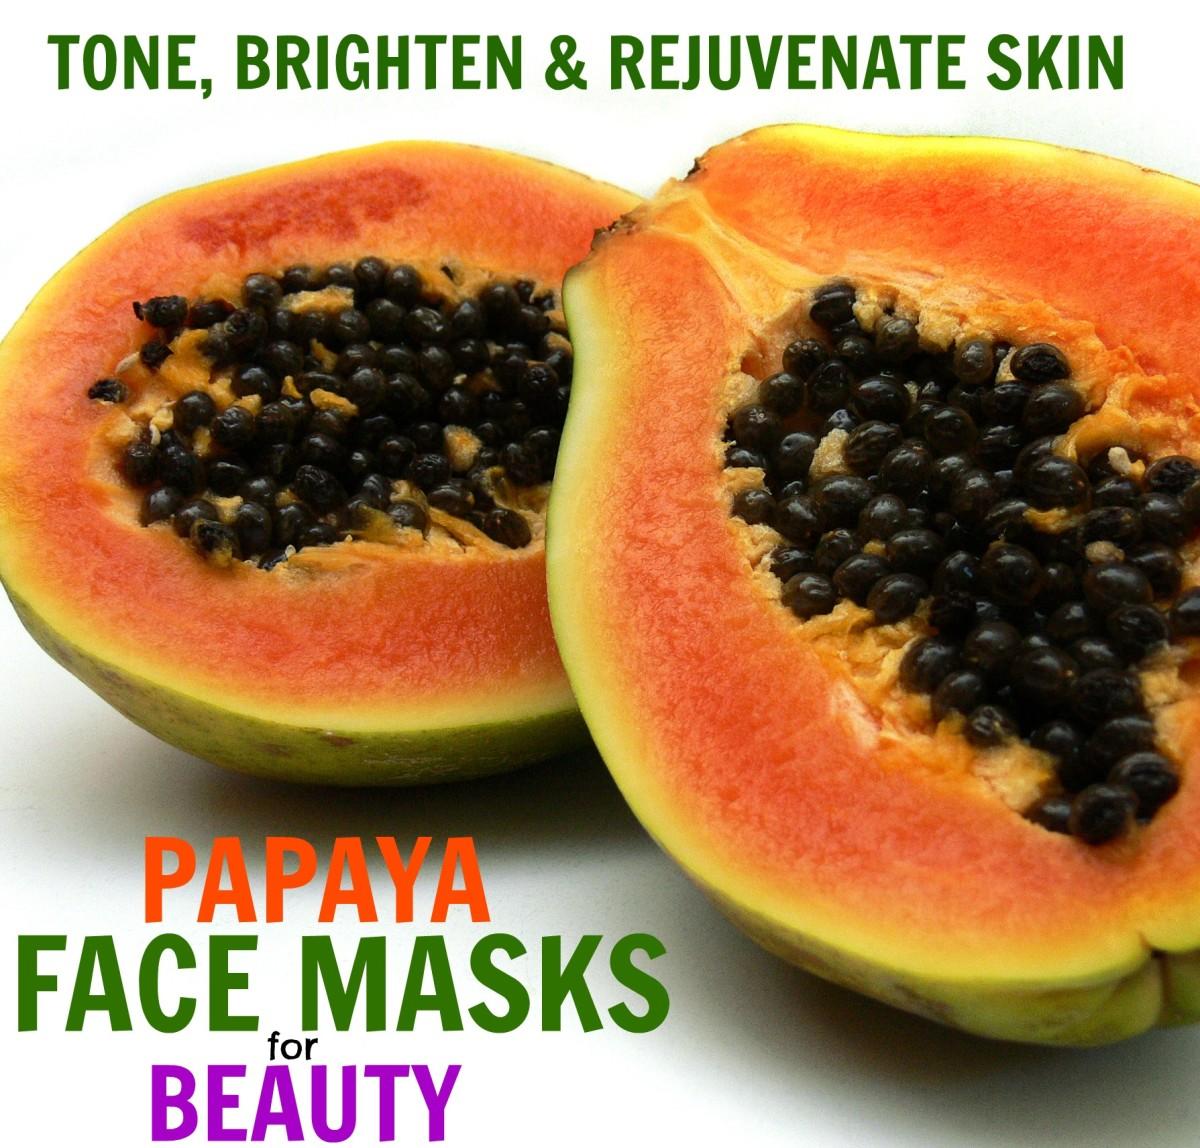 Skin-Lightening Papaya Face-Mask Recipes for Bright, Glowing Skin